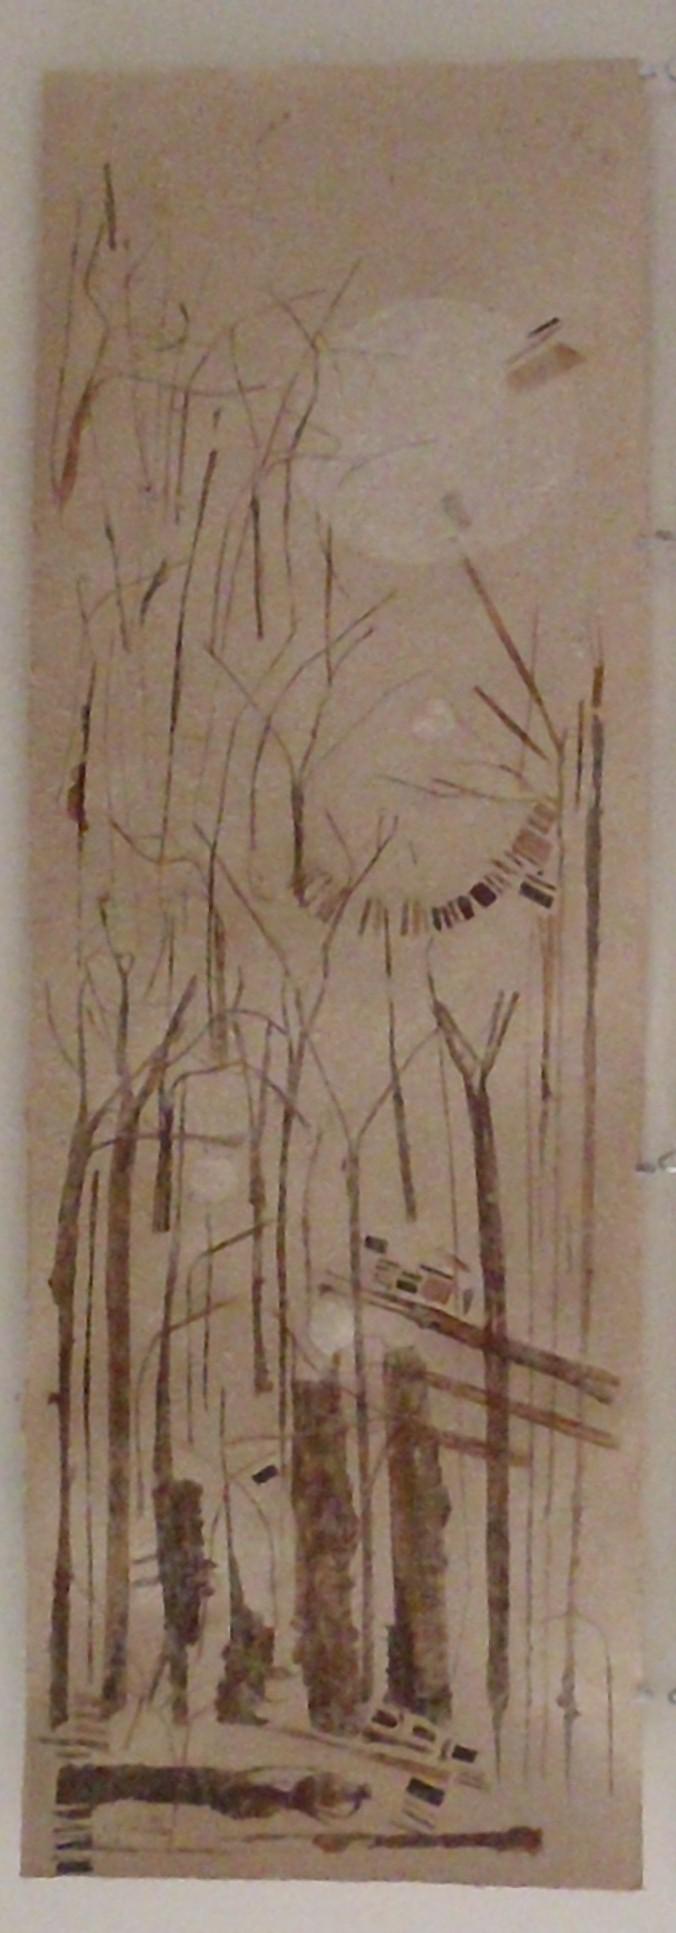 תמונת קיר מנייר עבודת יד מבננה